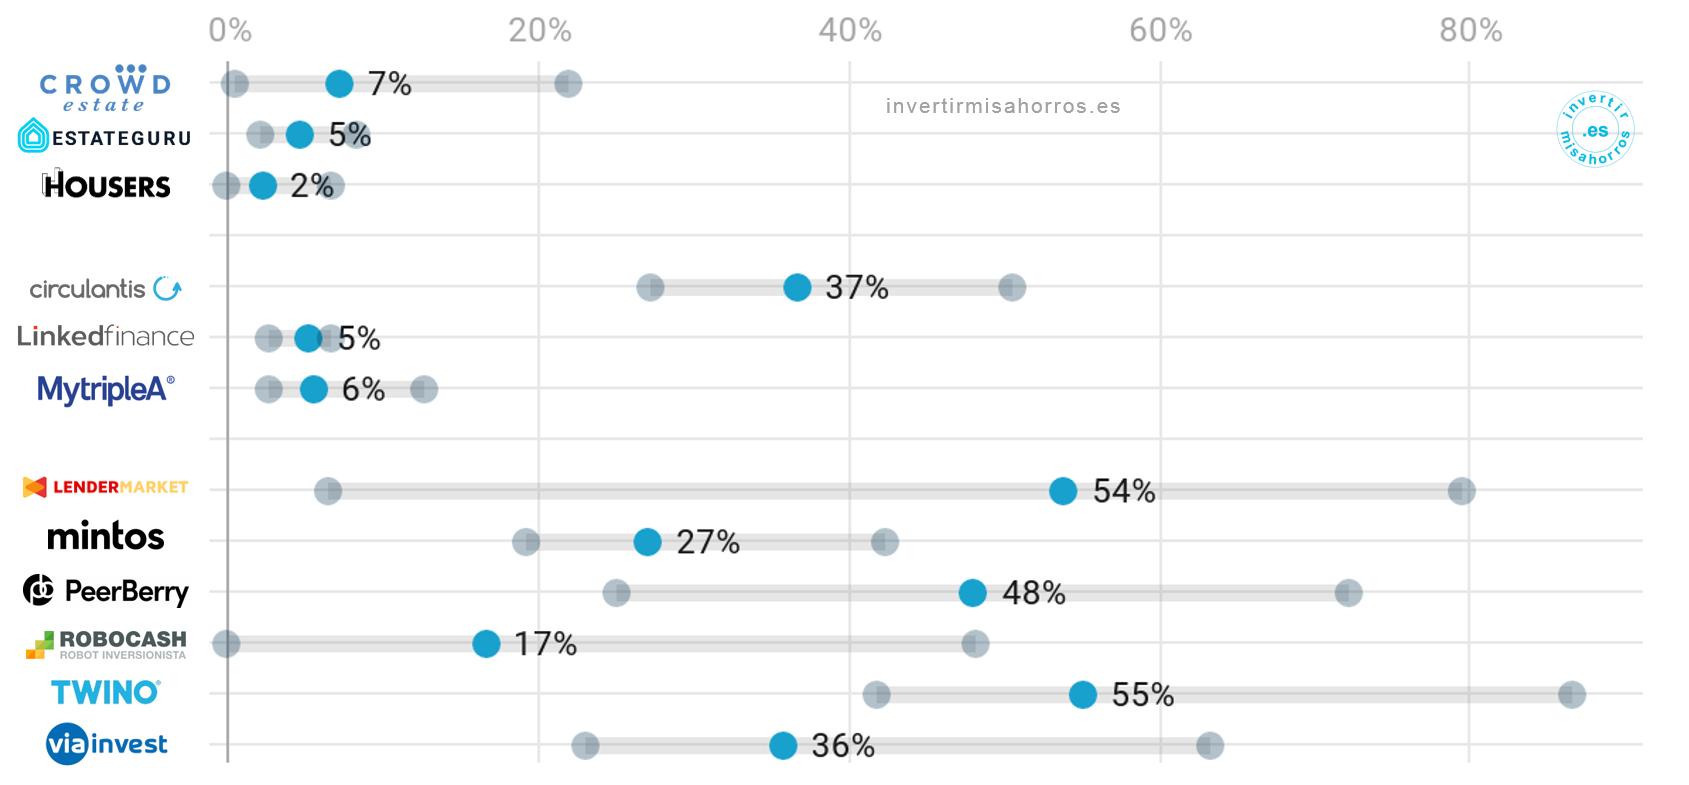 Velocidad de rotación de la cartera de crowdlending. Mínimo, media y máximo de los últimos 12 meses. Noviembre 2020